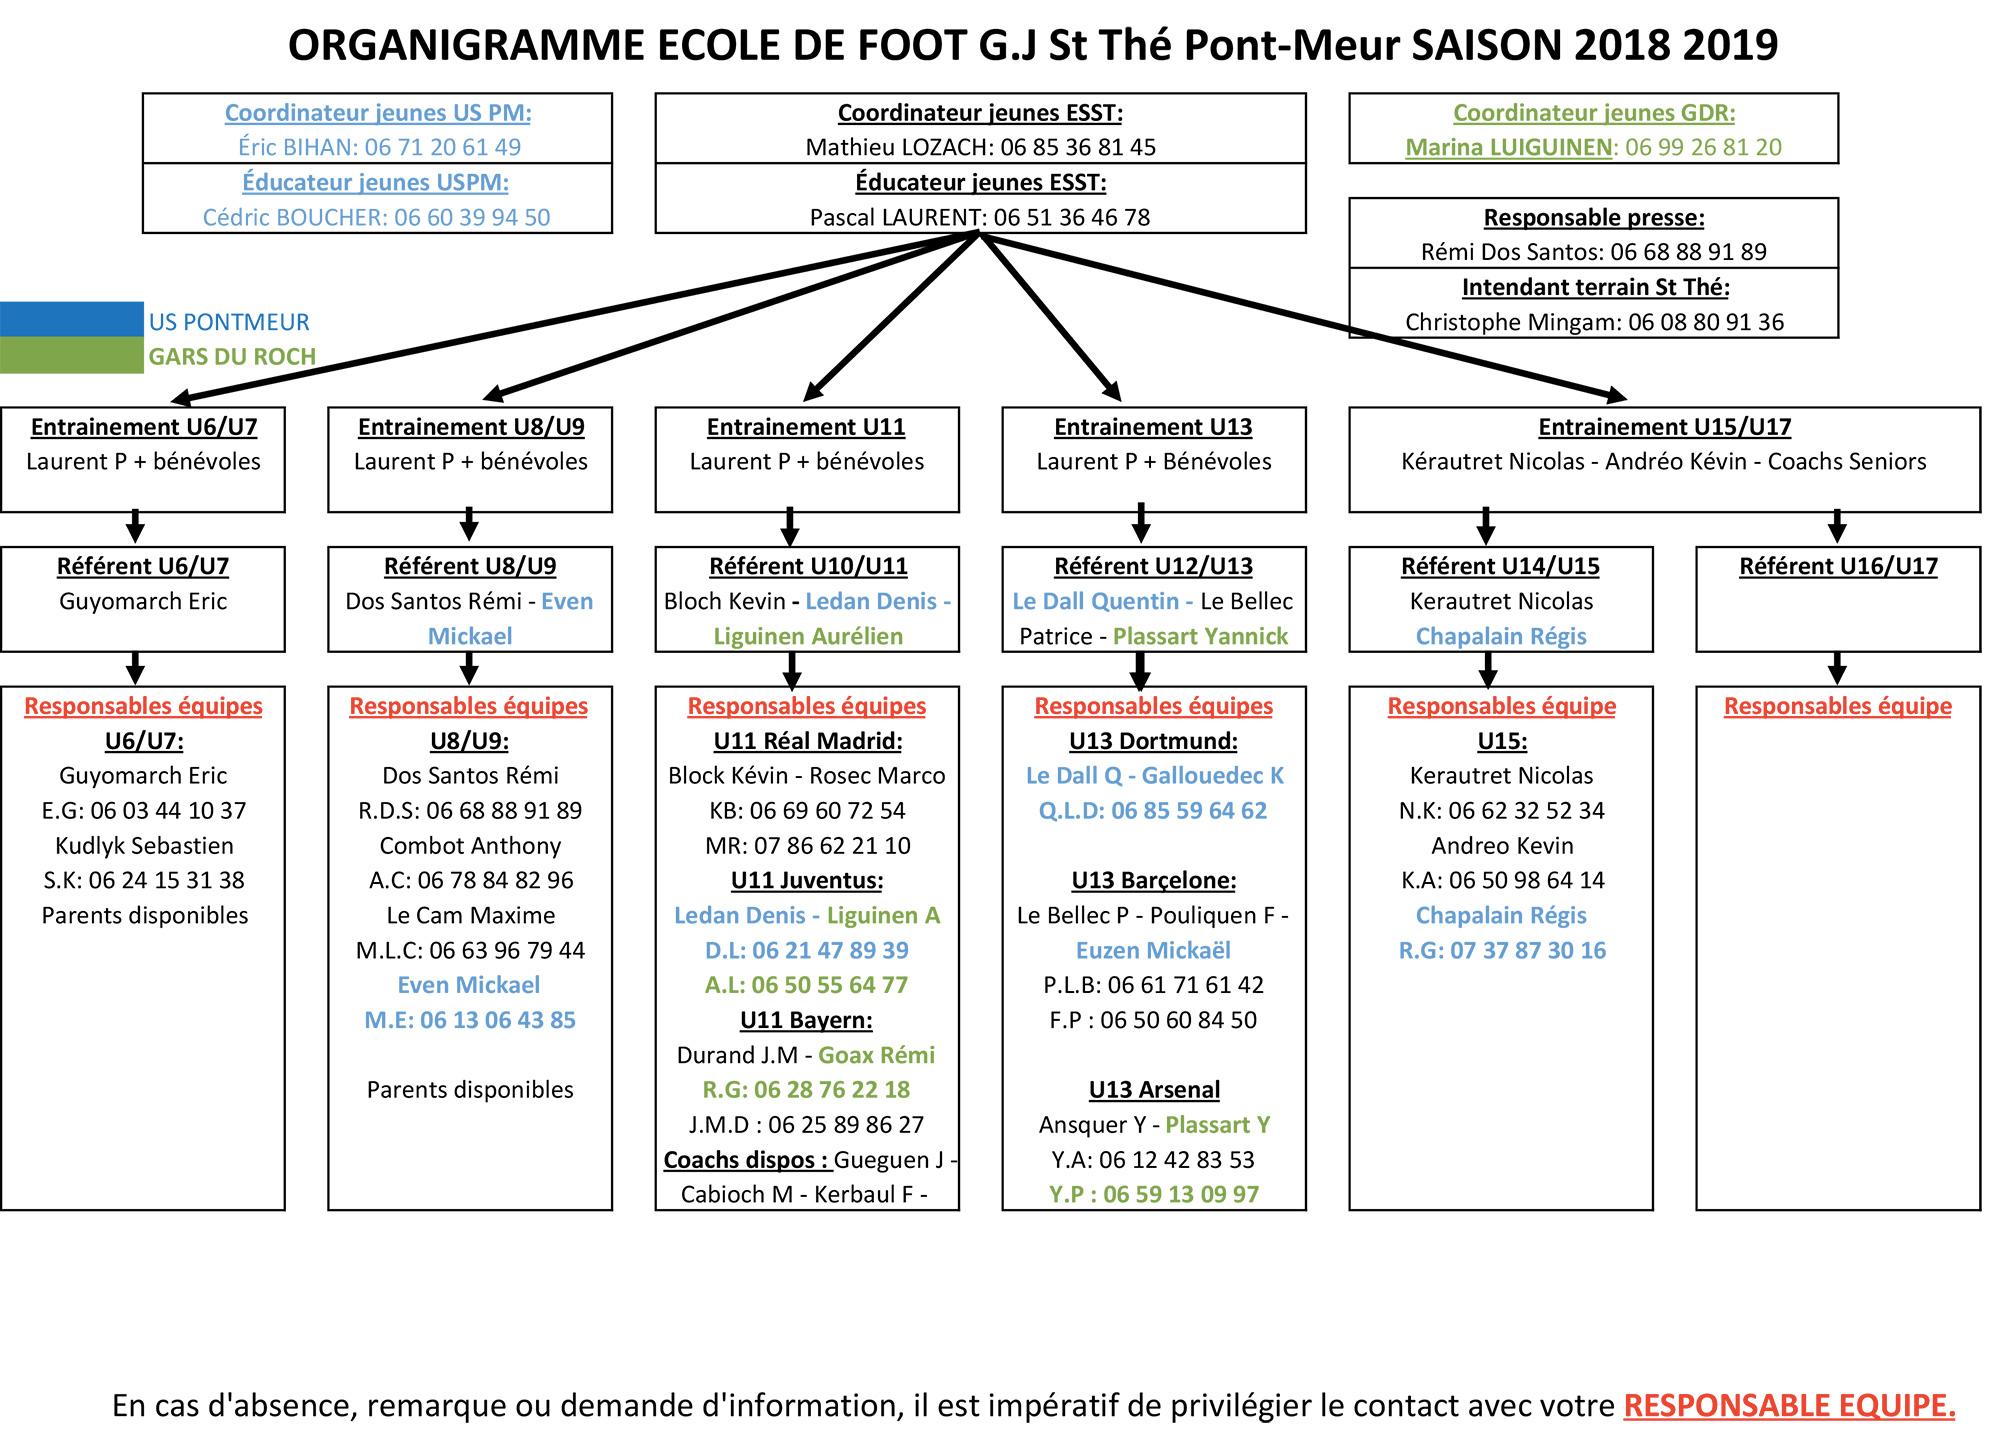 Organigramme-ecole-de-foot-2018-2019